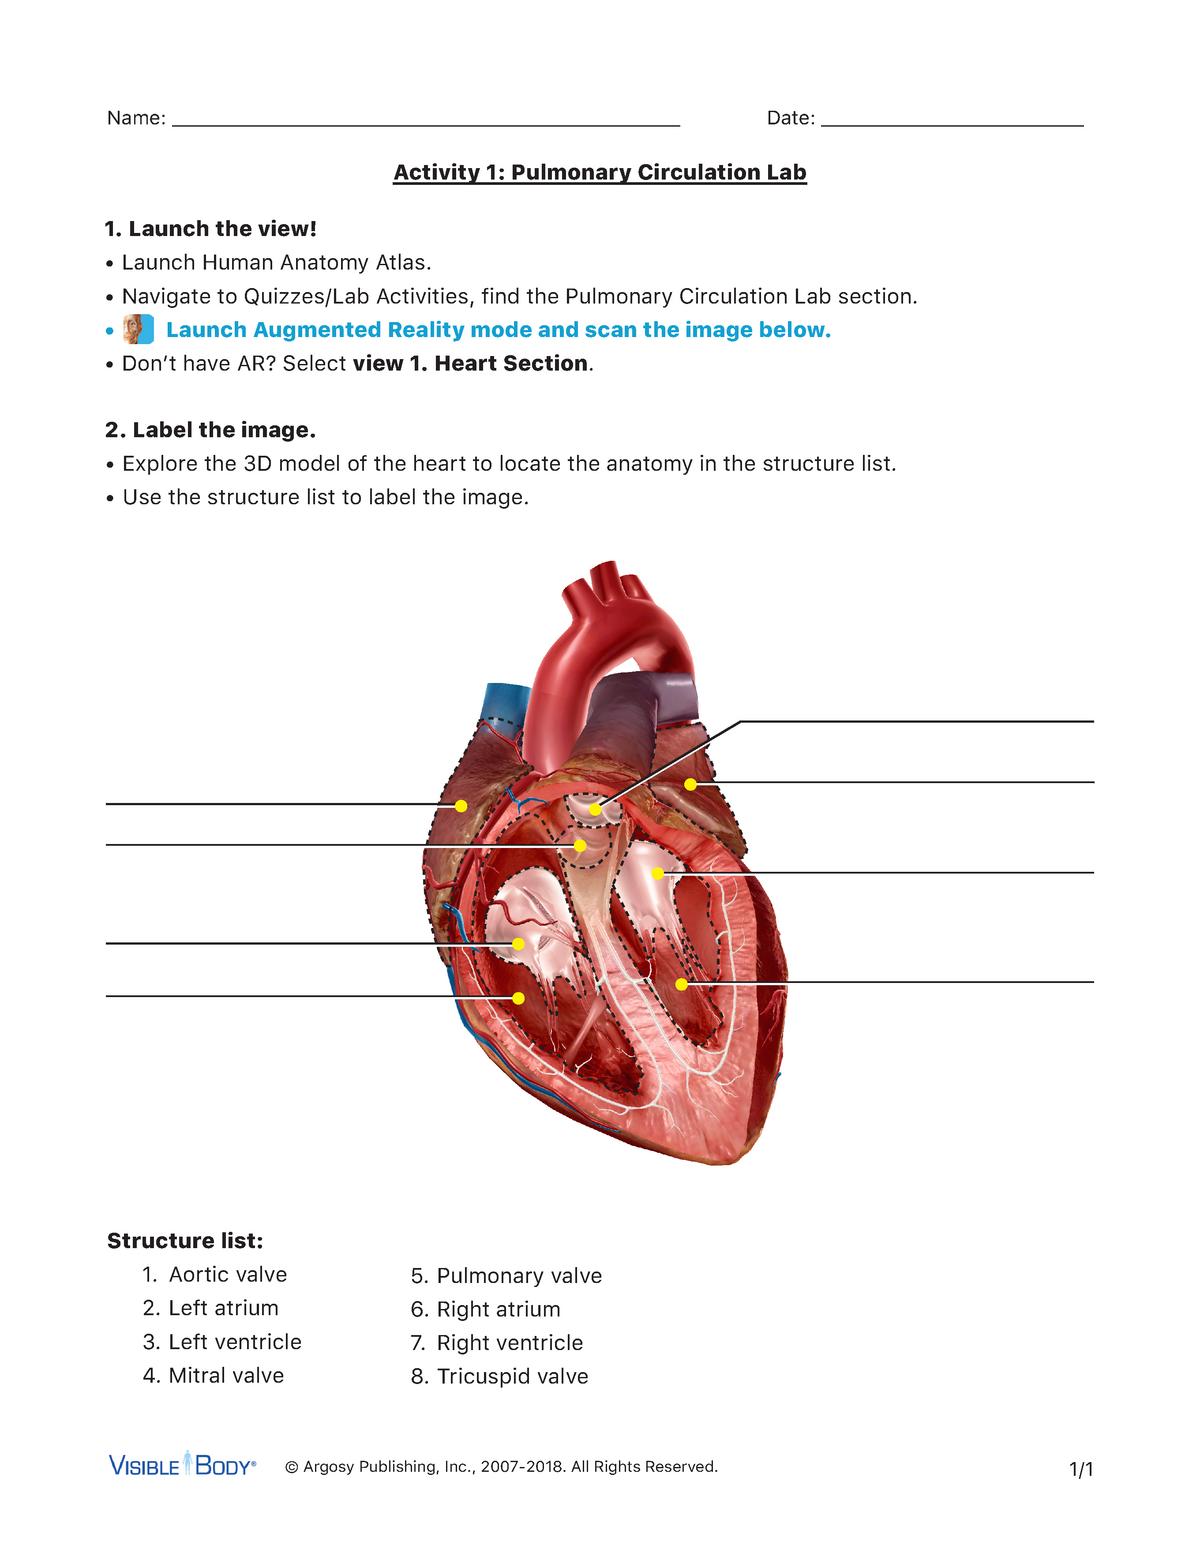 Pulmonary-lab-activity - Medicine MBBs - StuDocu